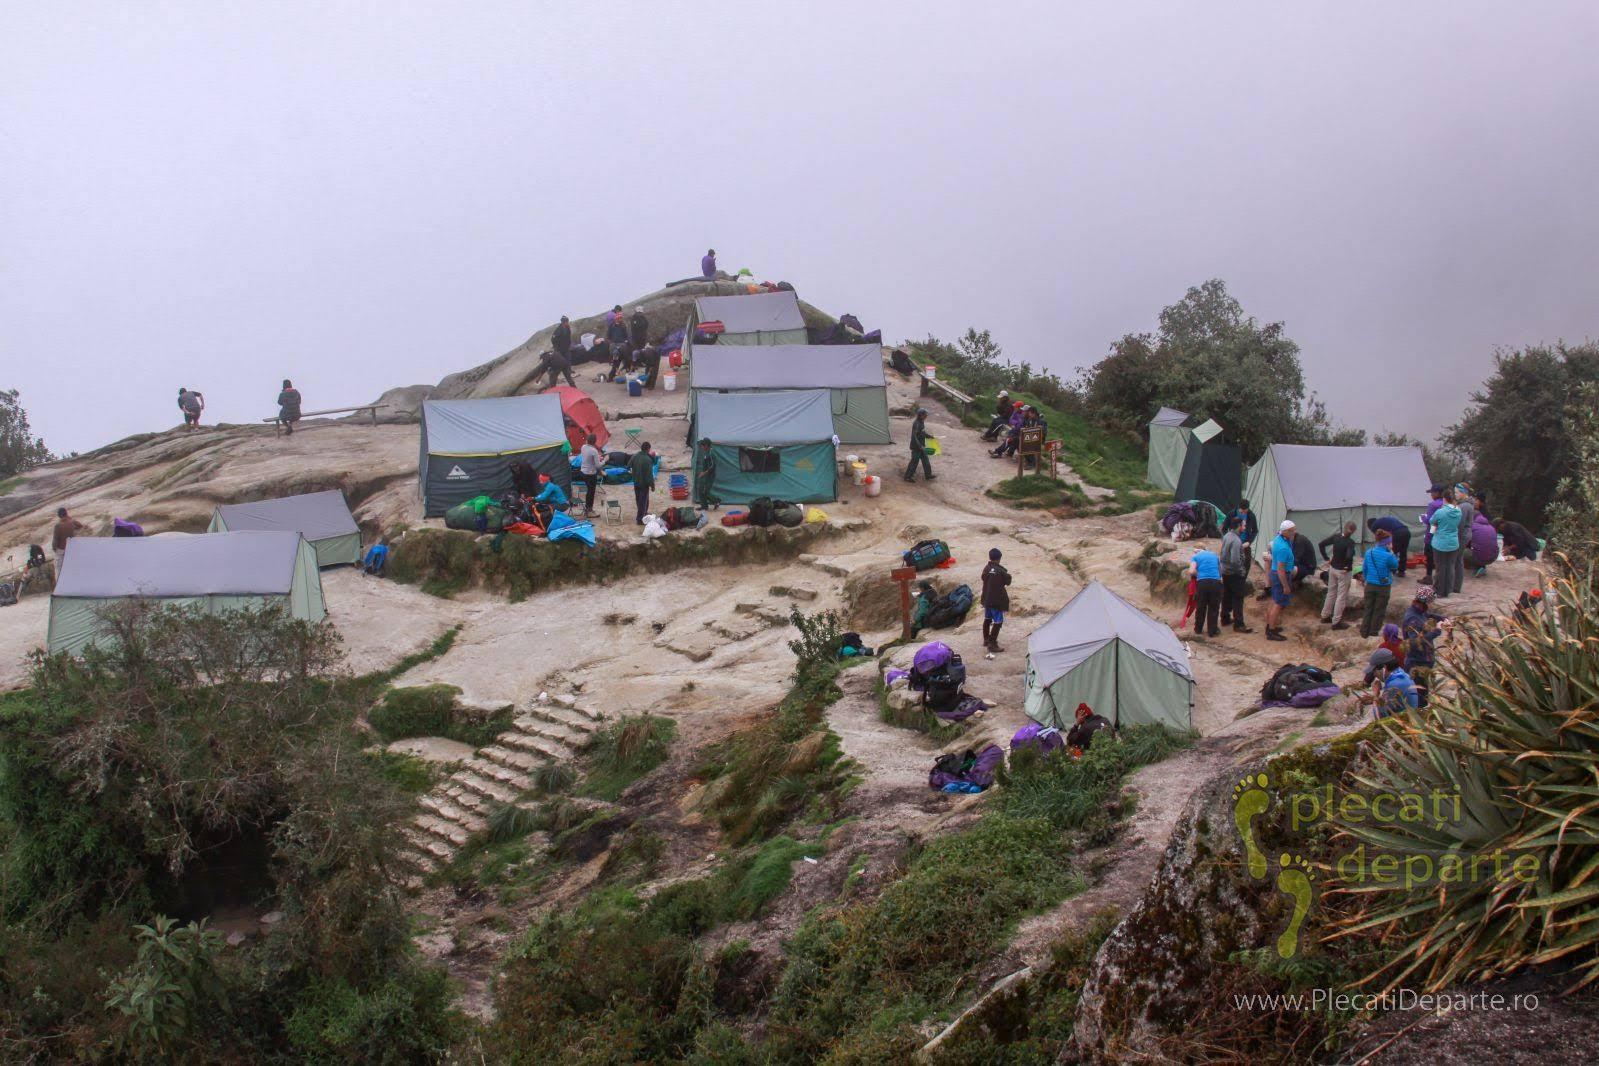 Tabara sau loc de campare pe Inca Trail spre Machu Picchu, in Peru